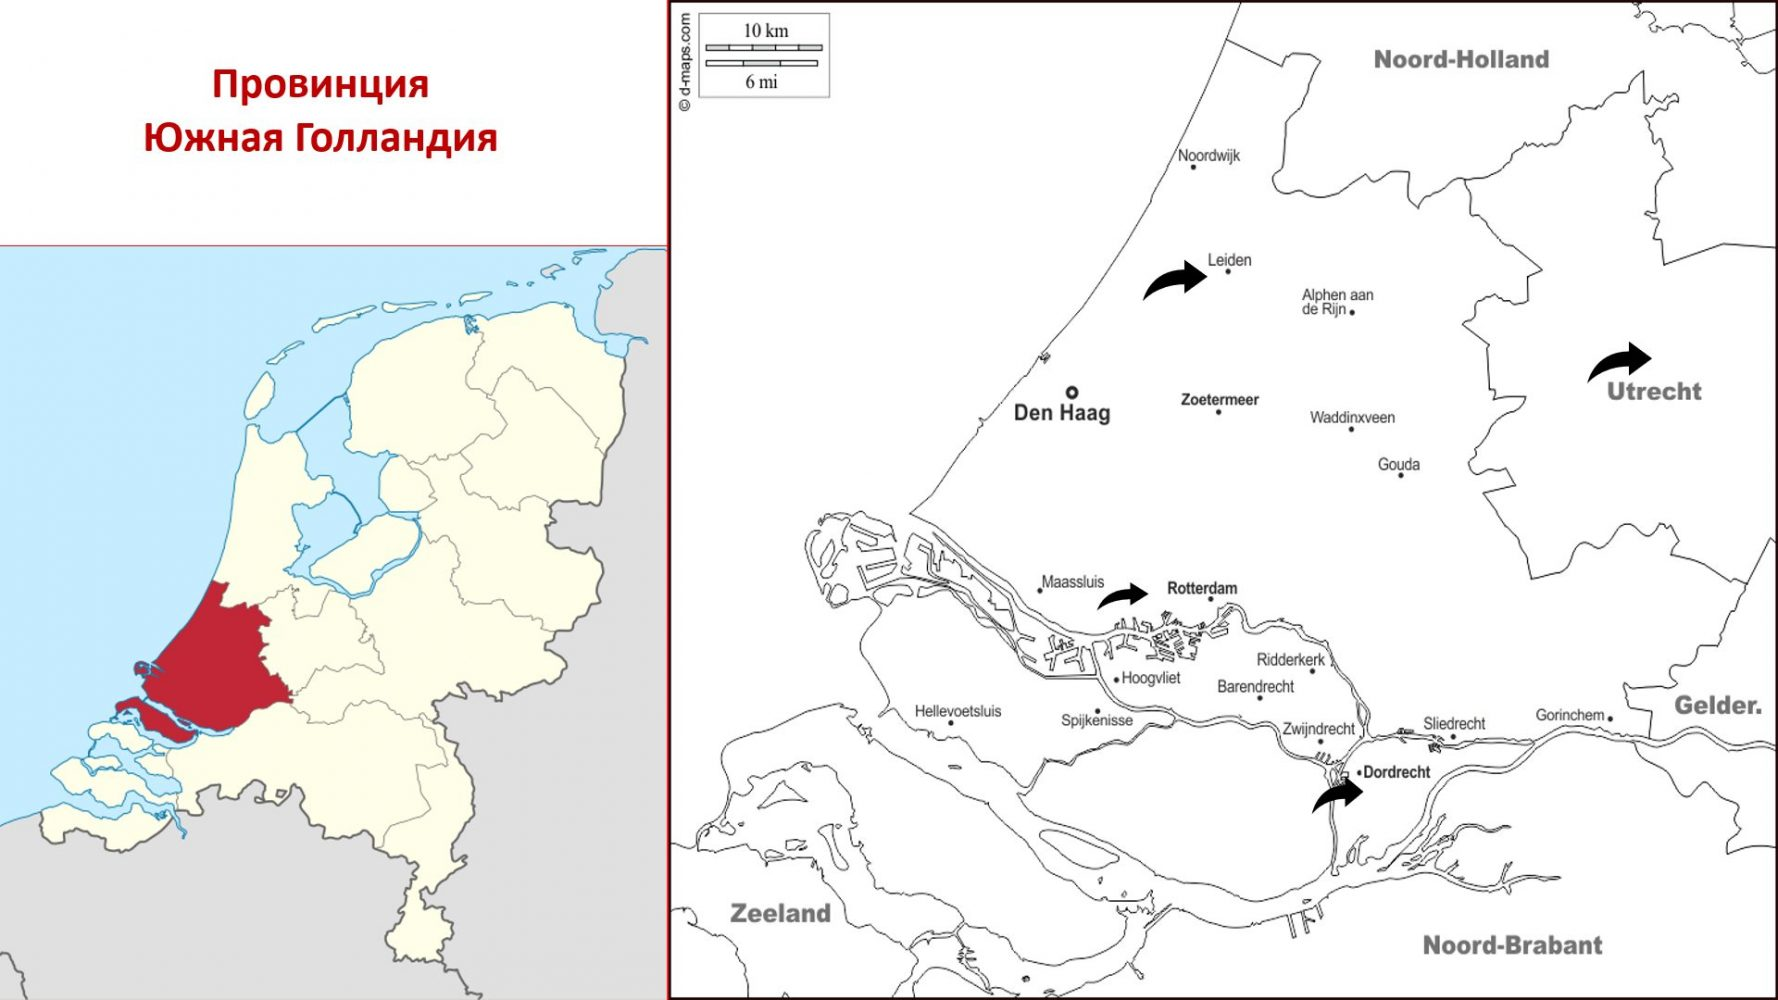 Славяне - предки Голландцев Ольга Семёнова-Роттердам